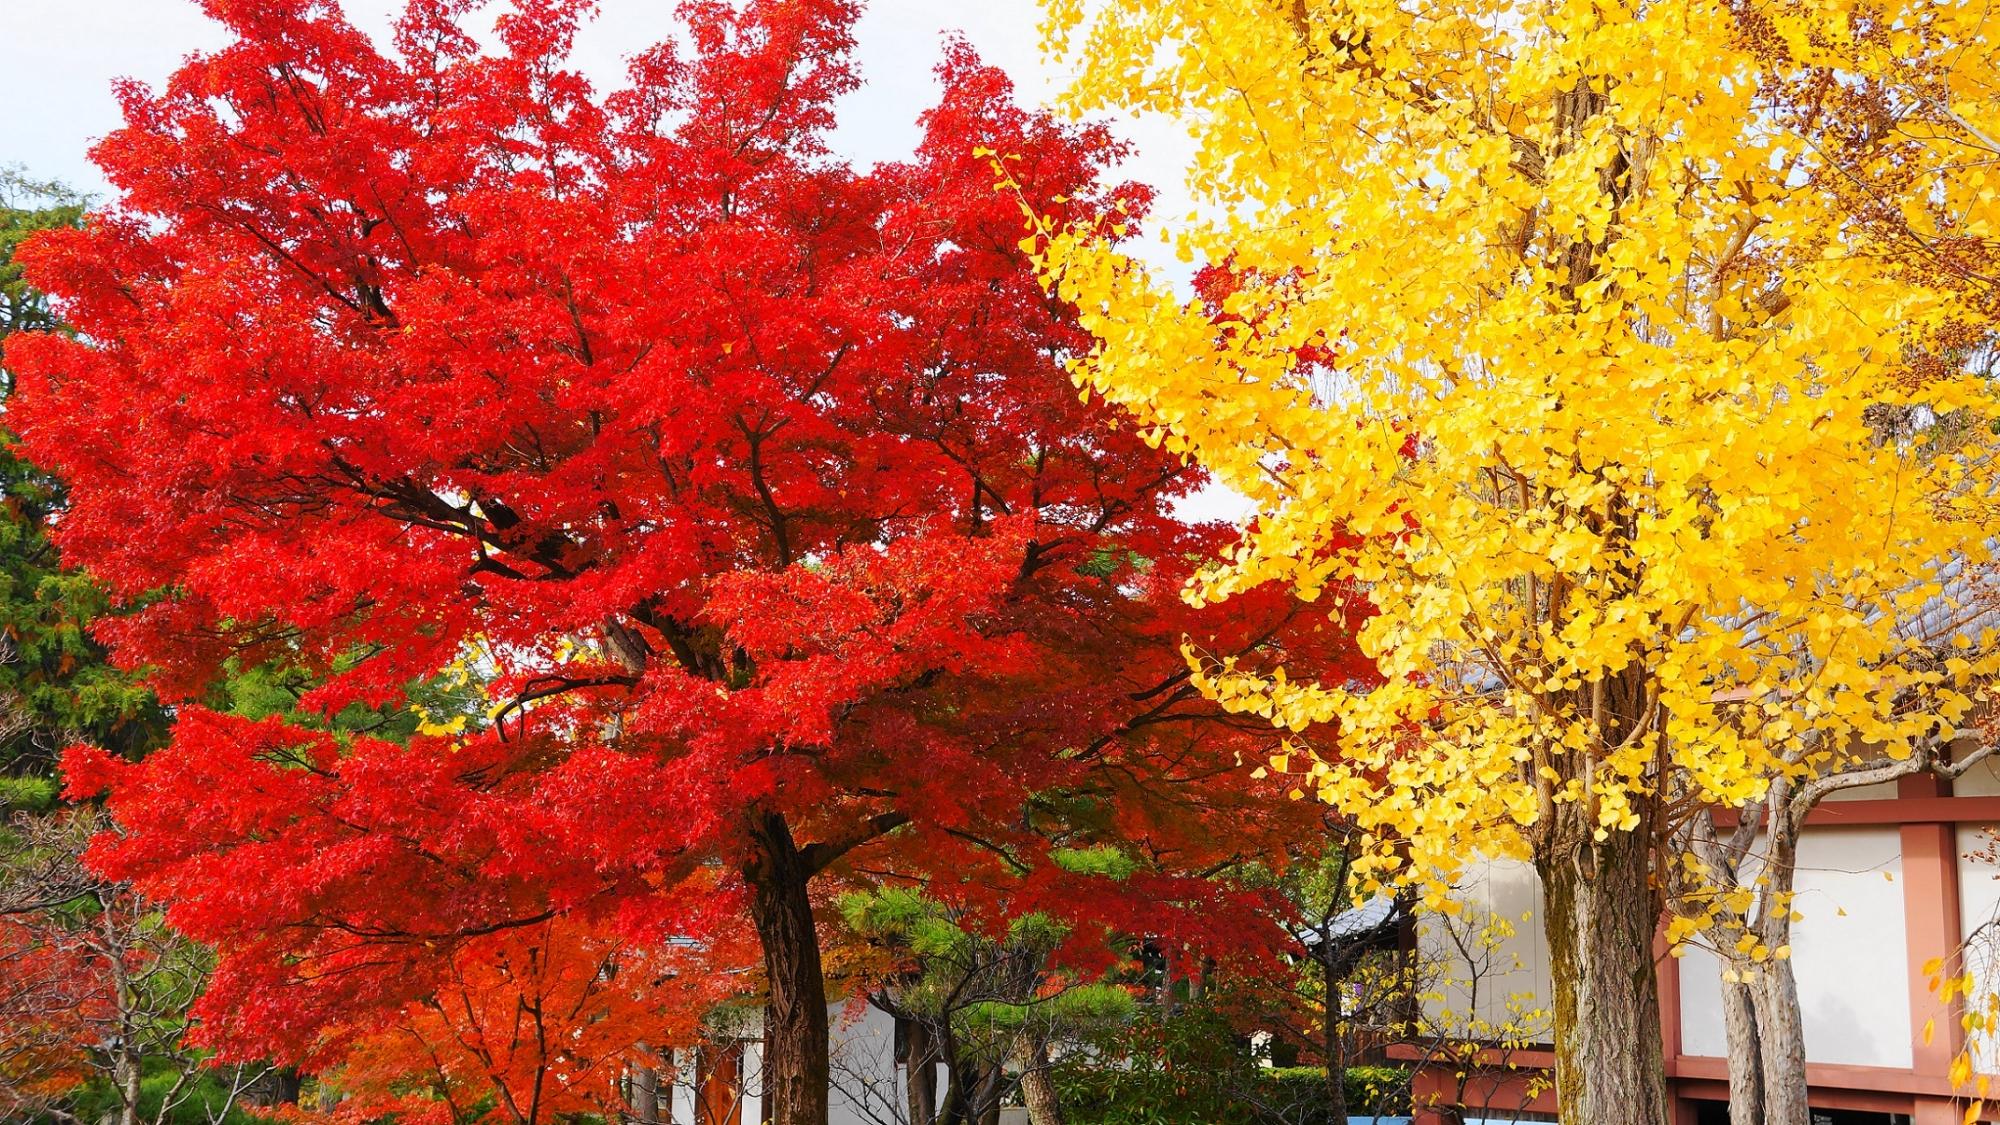 鮮やかな紅葉と銀杏が彩る智積院の白壁の収蔵庫